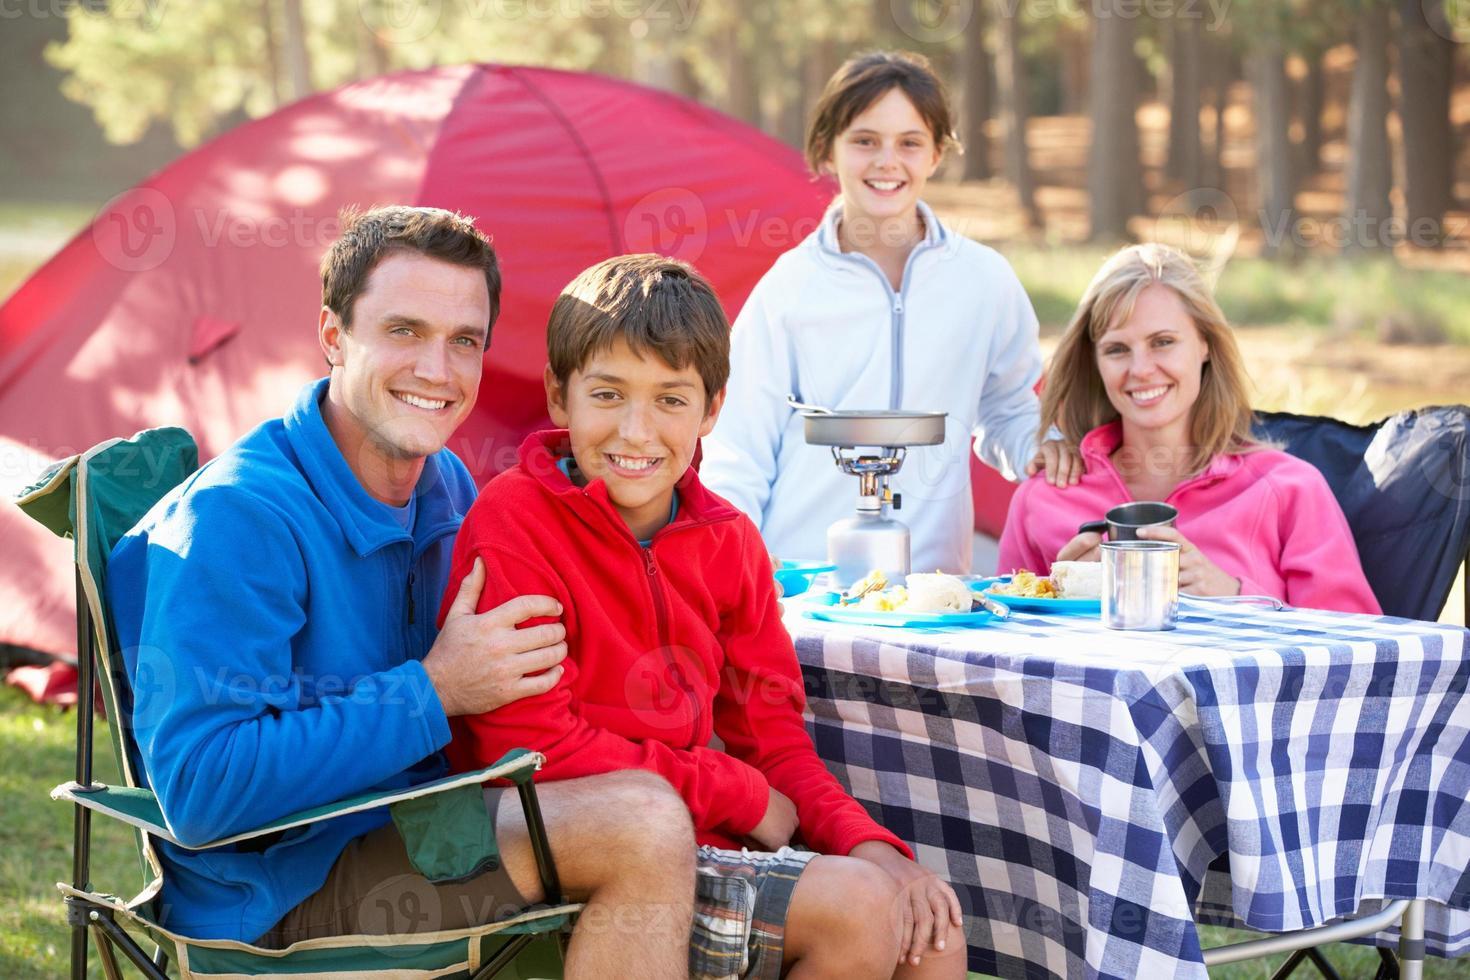 familie genieten van maaltijd op kampeervakantie foto